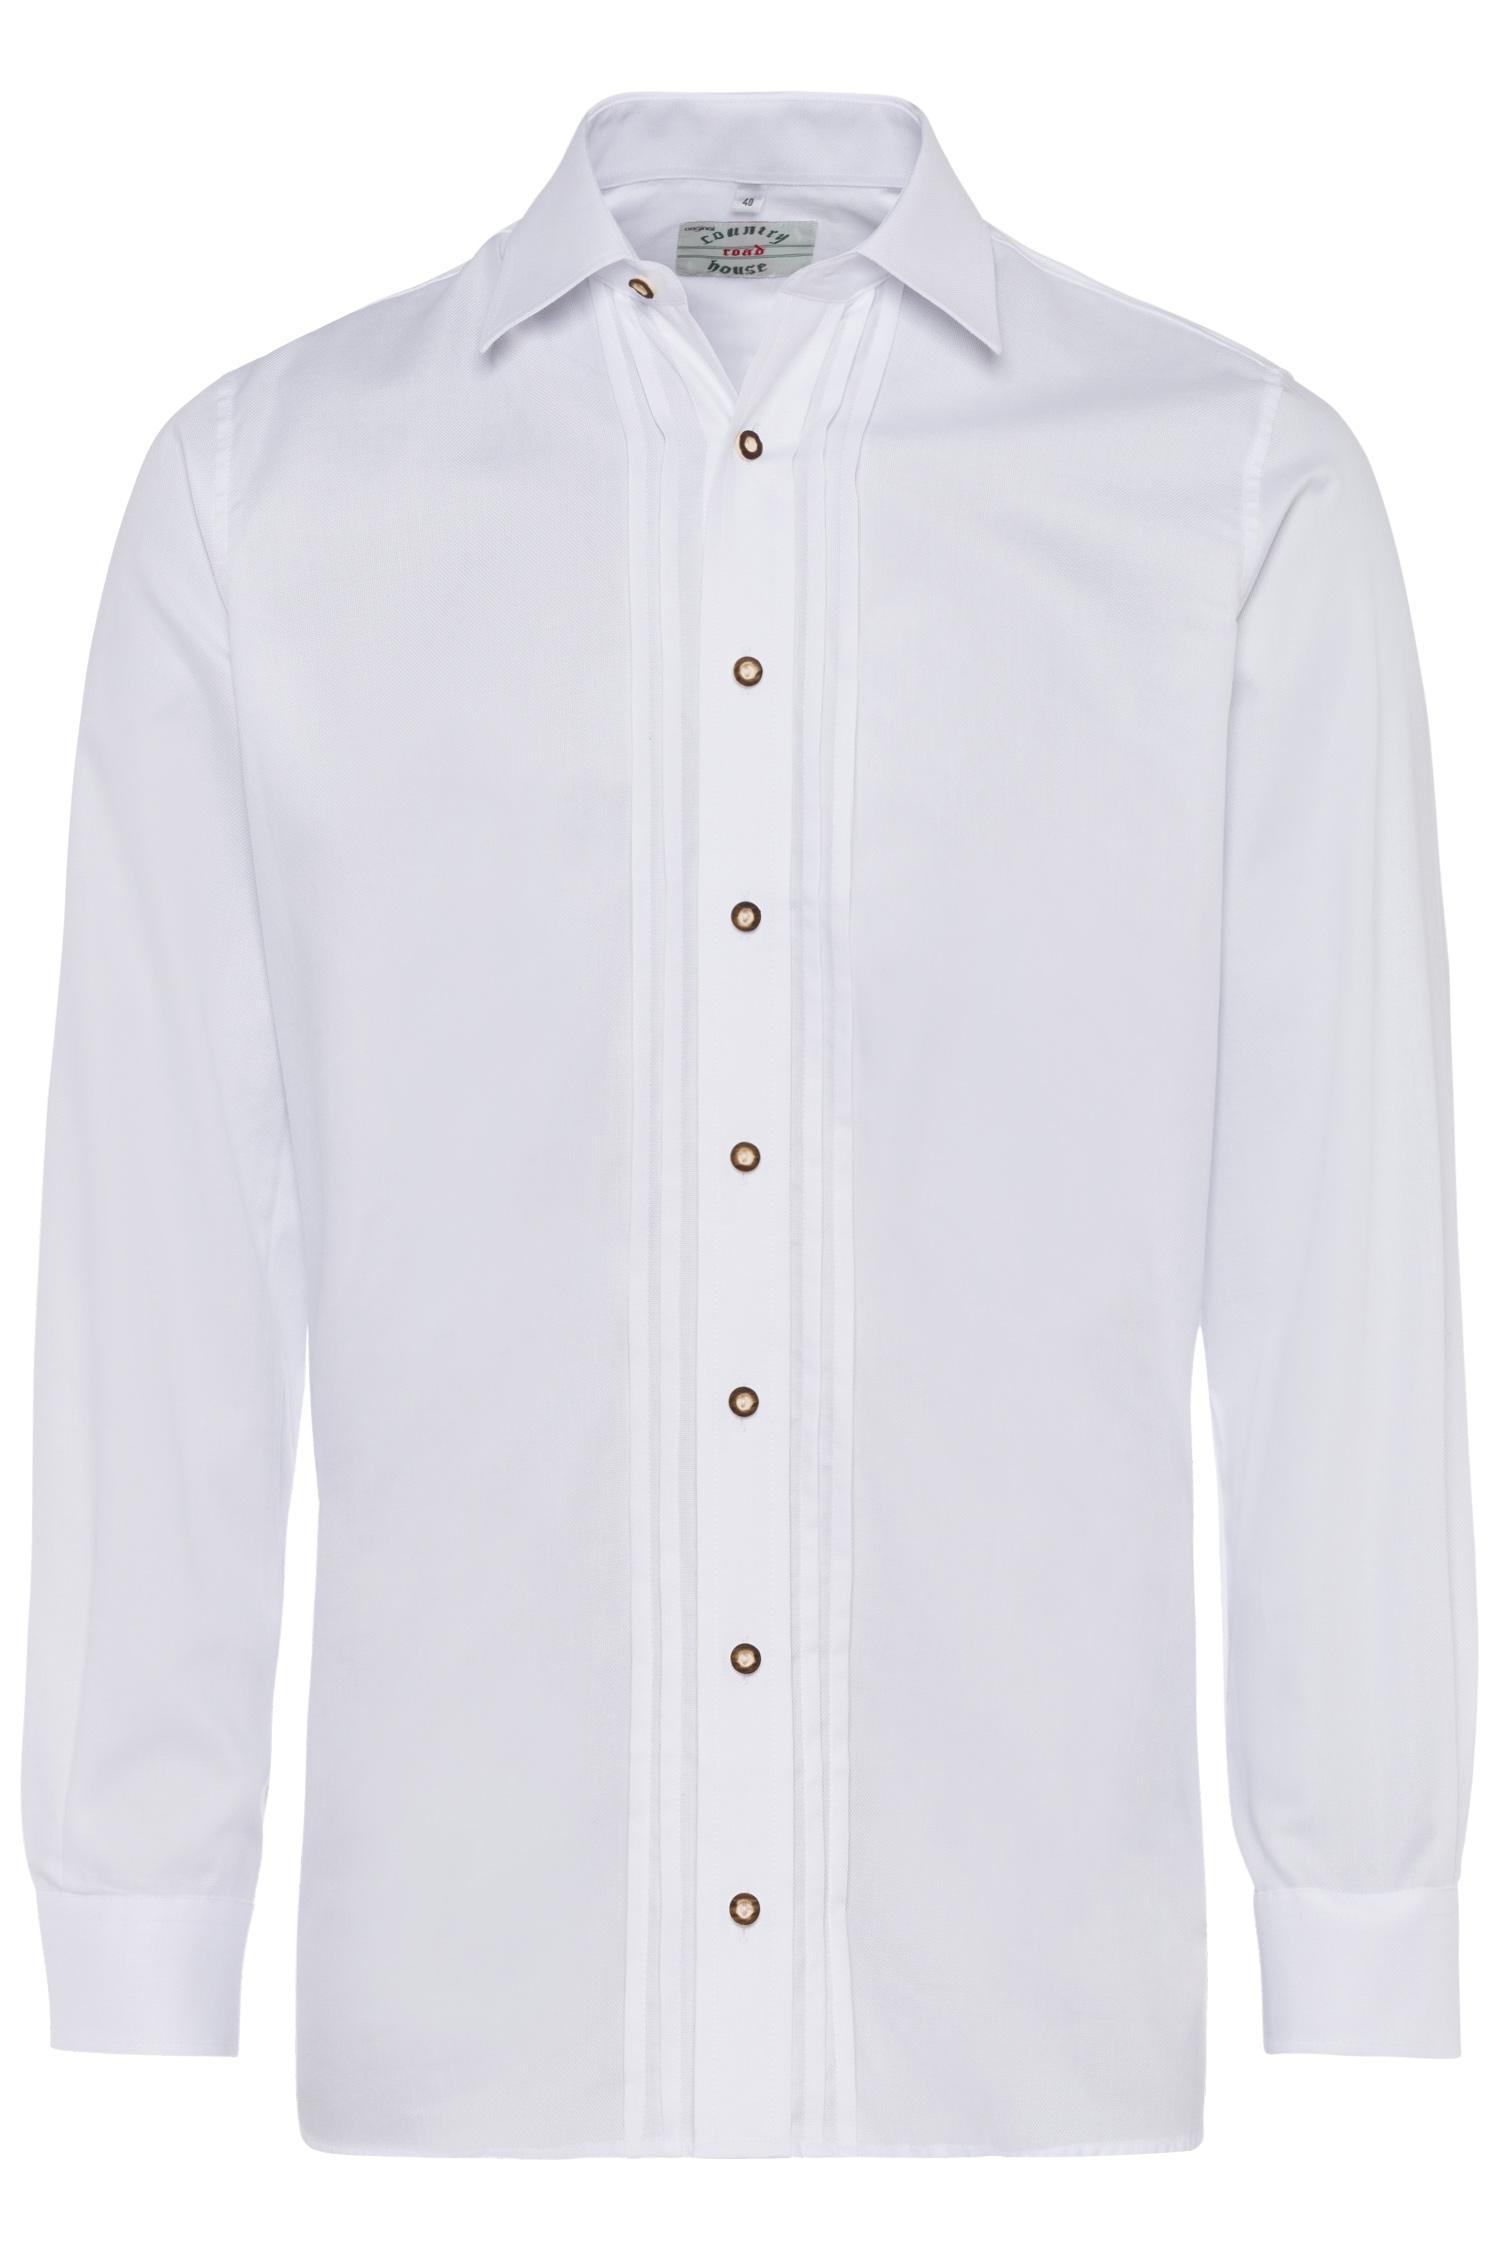 Trachtenhemd 37 | 1 weiß